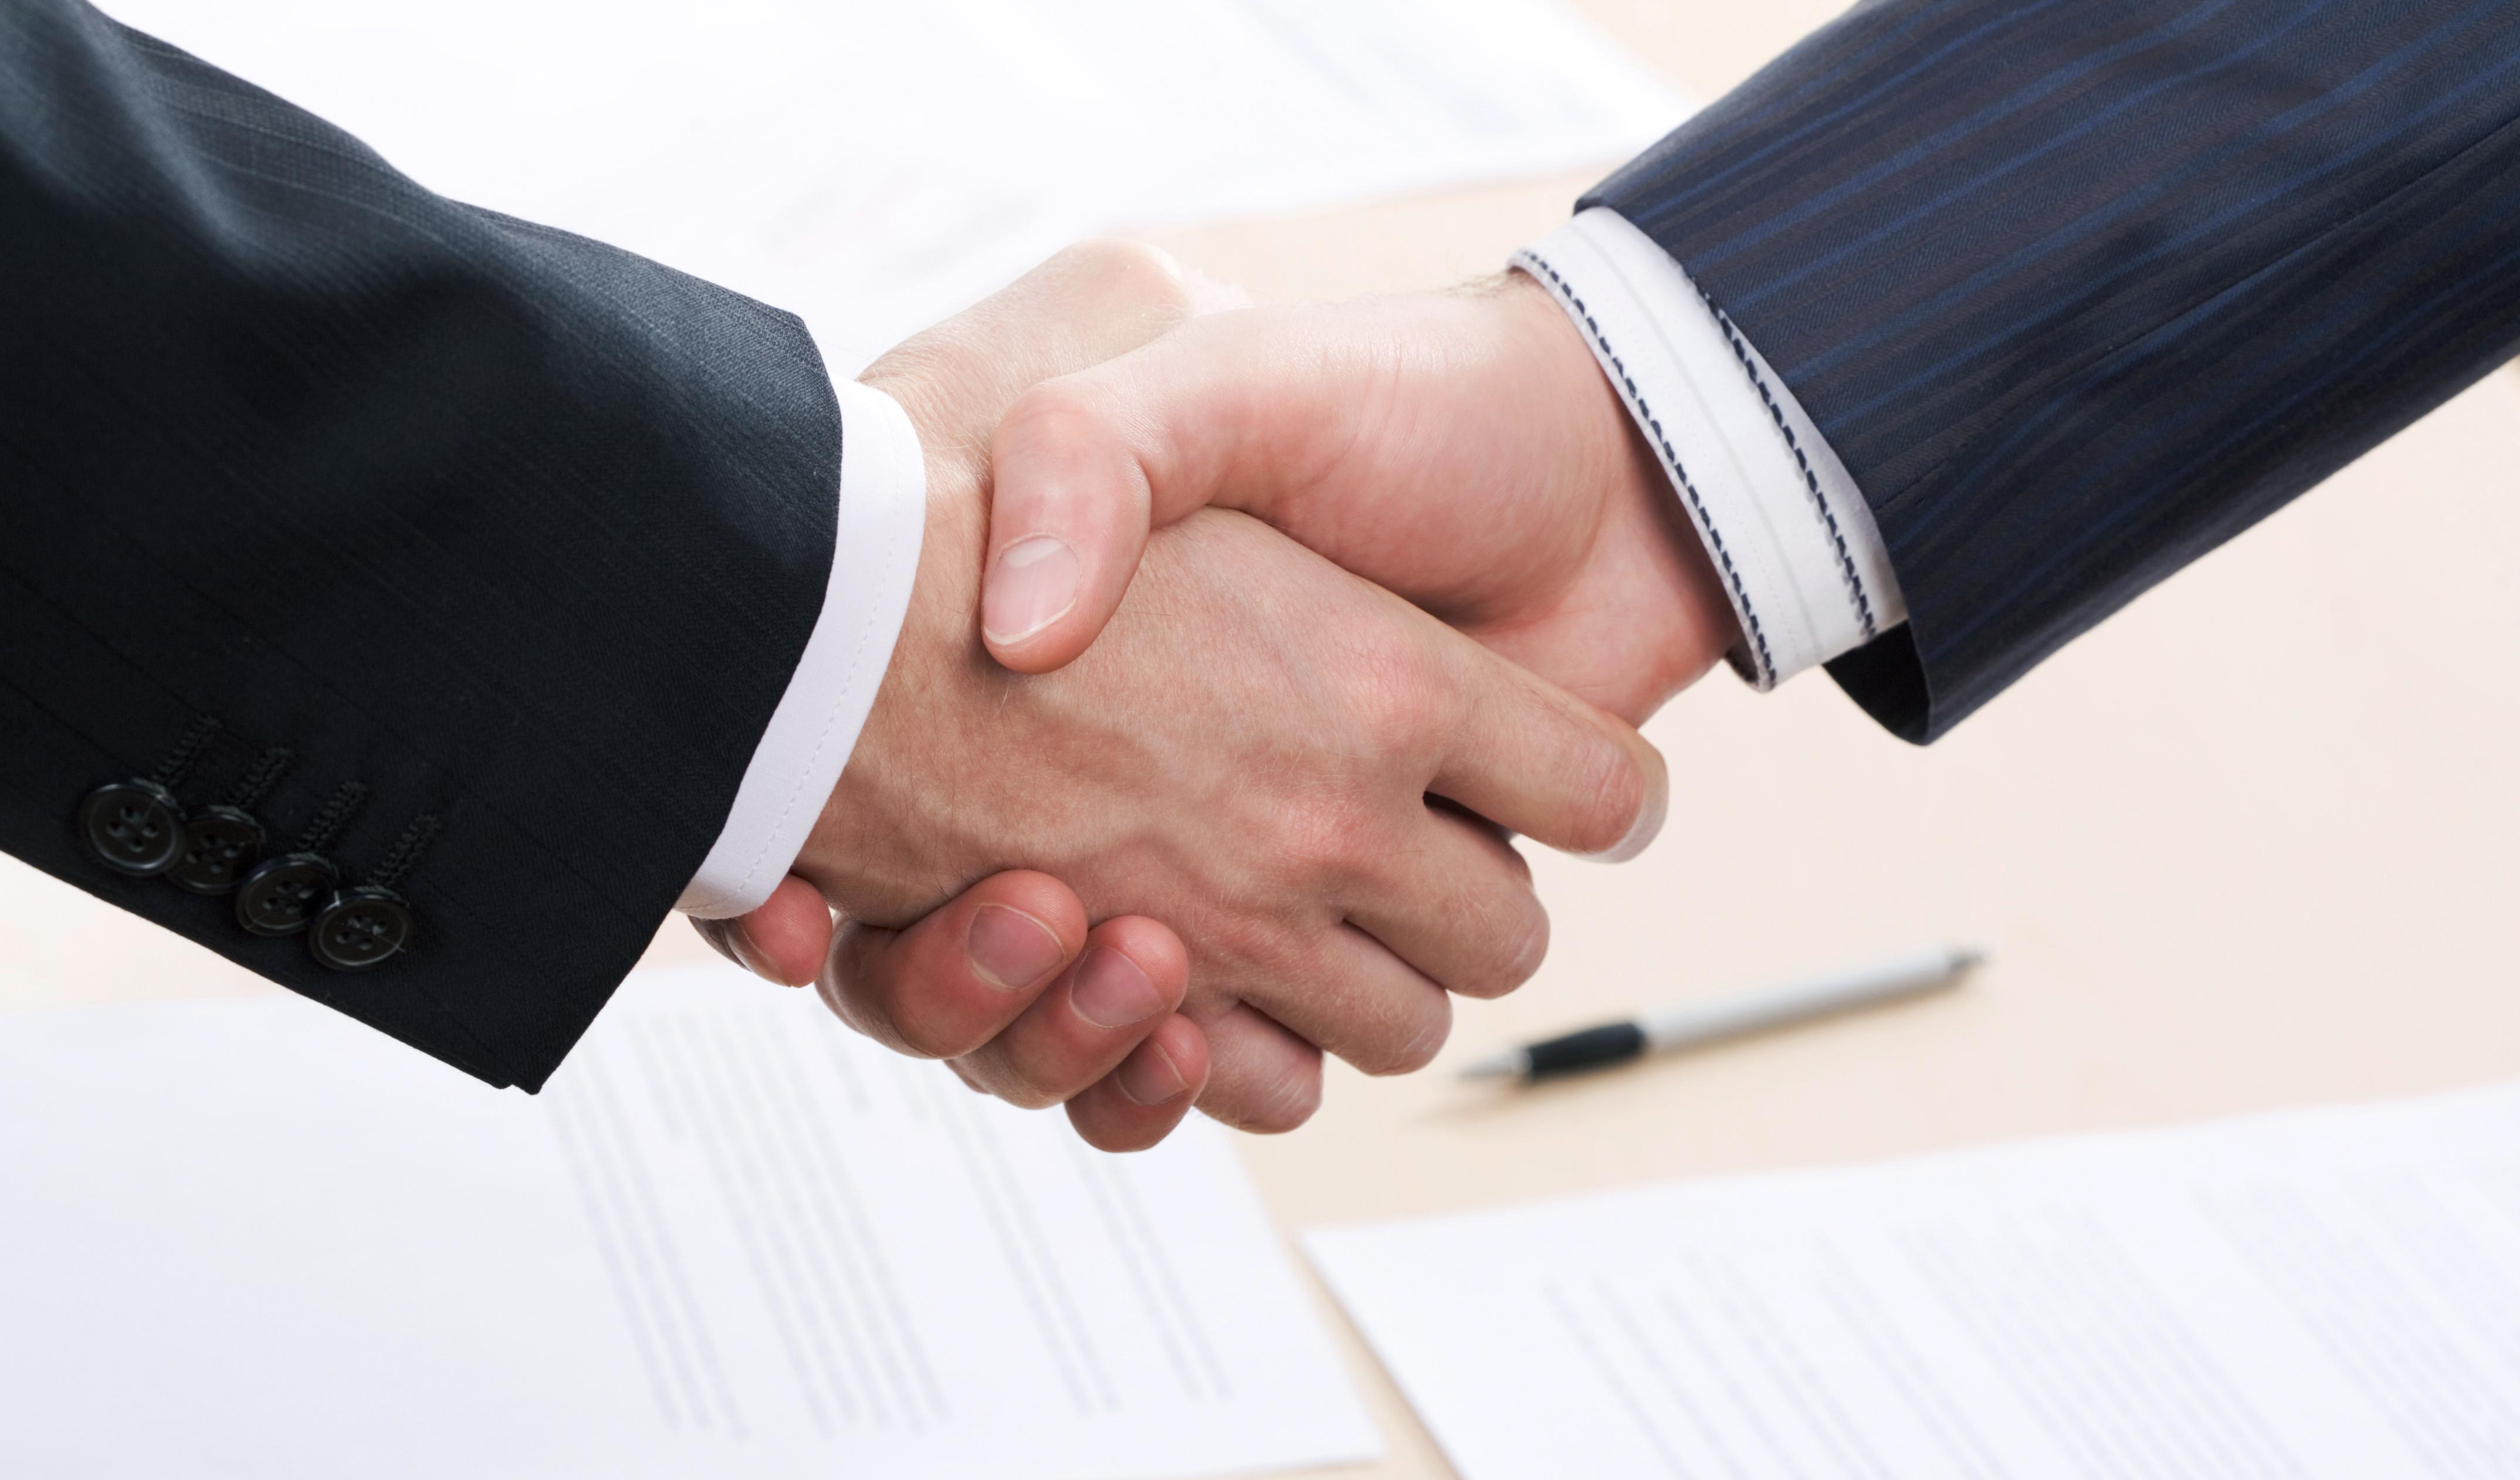 image 26 - Три компании претендуют на льготный займ от Фонда развития Югры